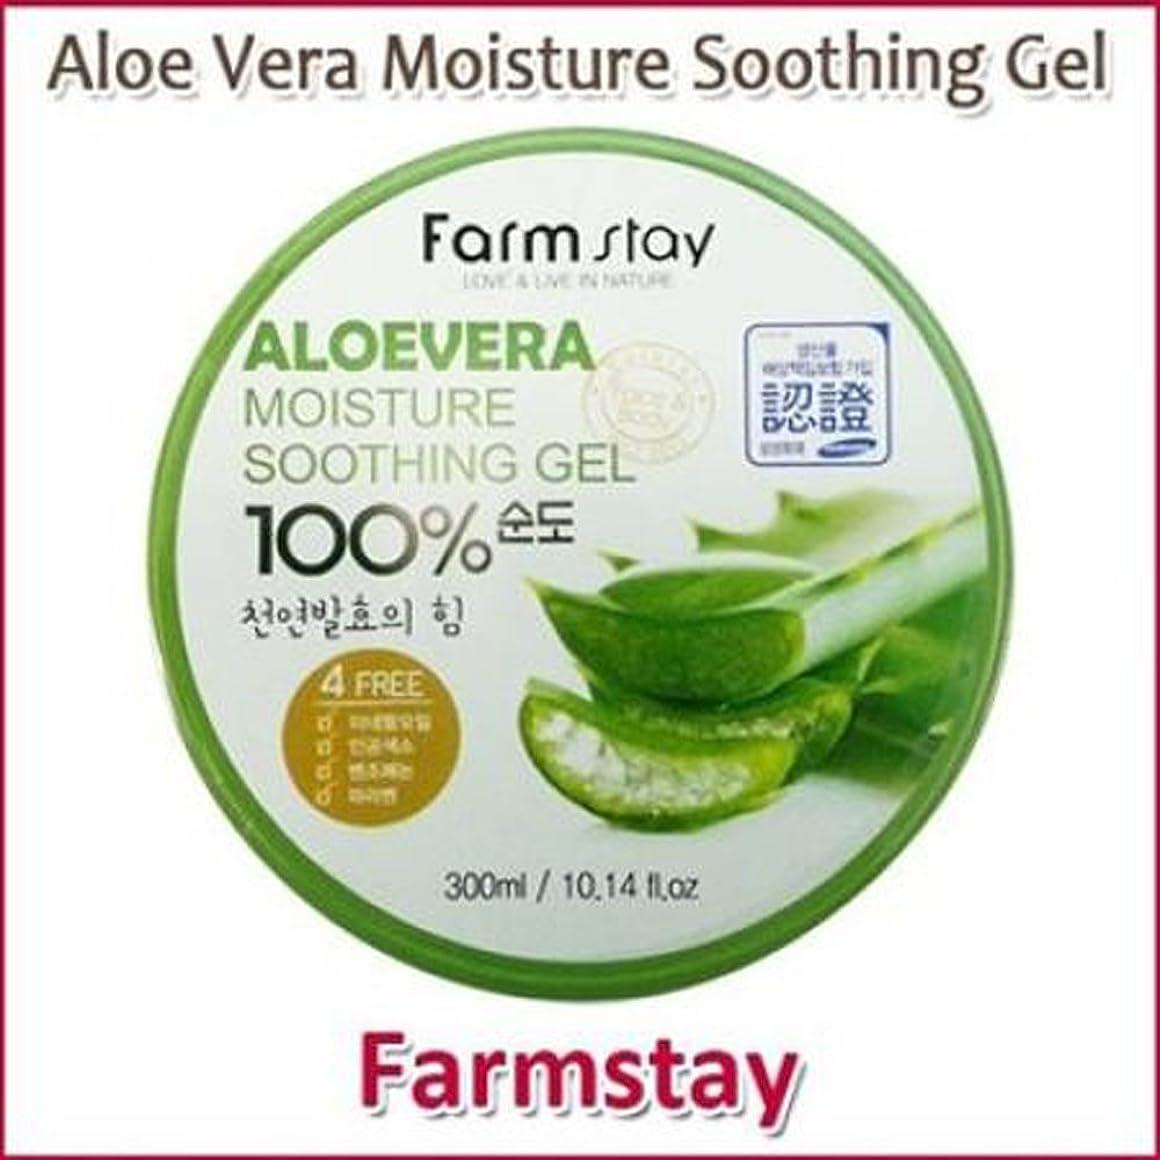 アヒルハロウィンイブニングFarm Stay Aloe Vera Moisture Soothing Gel 300ml /オーガニック アロエベラゲル 100%/保湿ケア/韓国コスメ/Aloe Vera 100% /Moisturizing [並行輸入品]